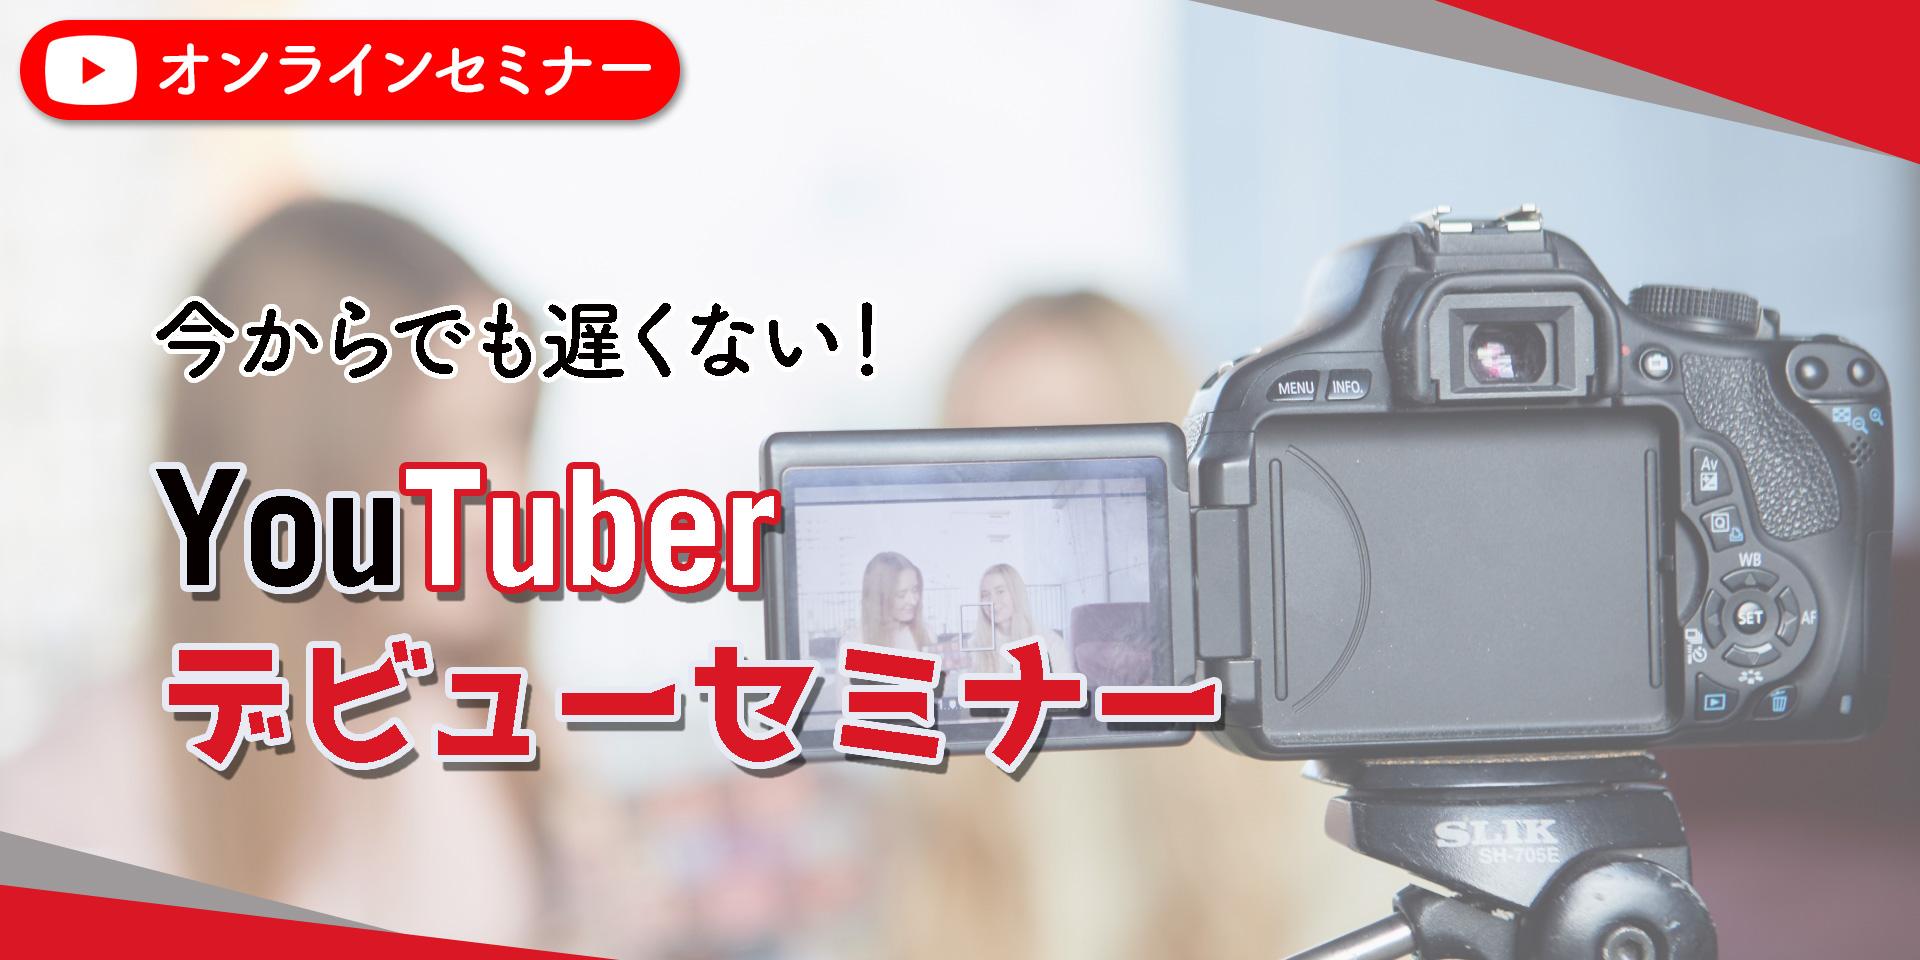 YouTuberオンライン